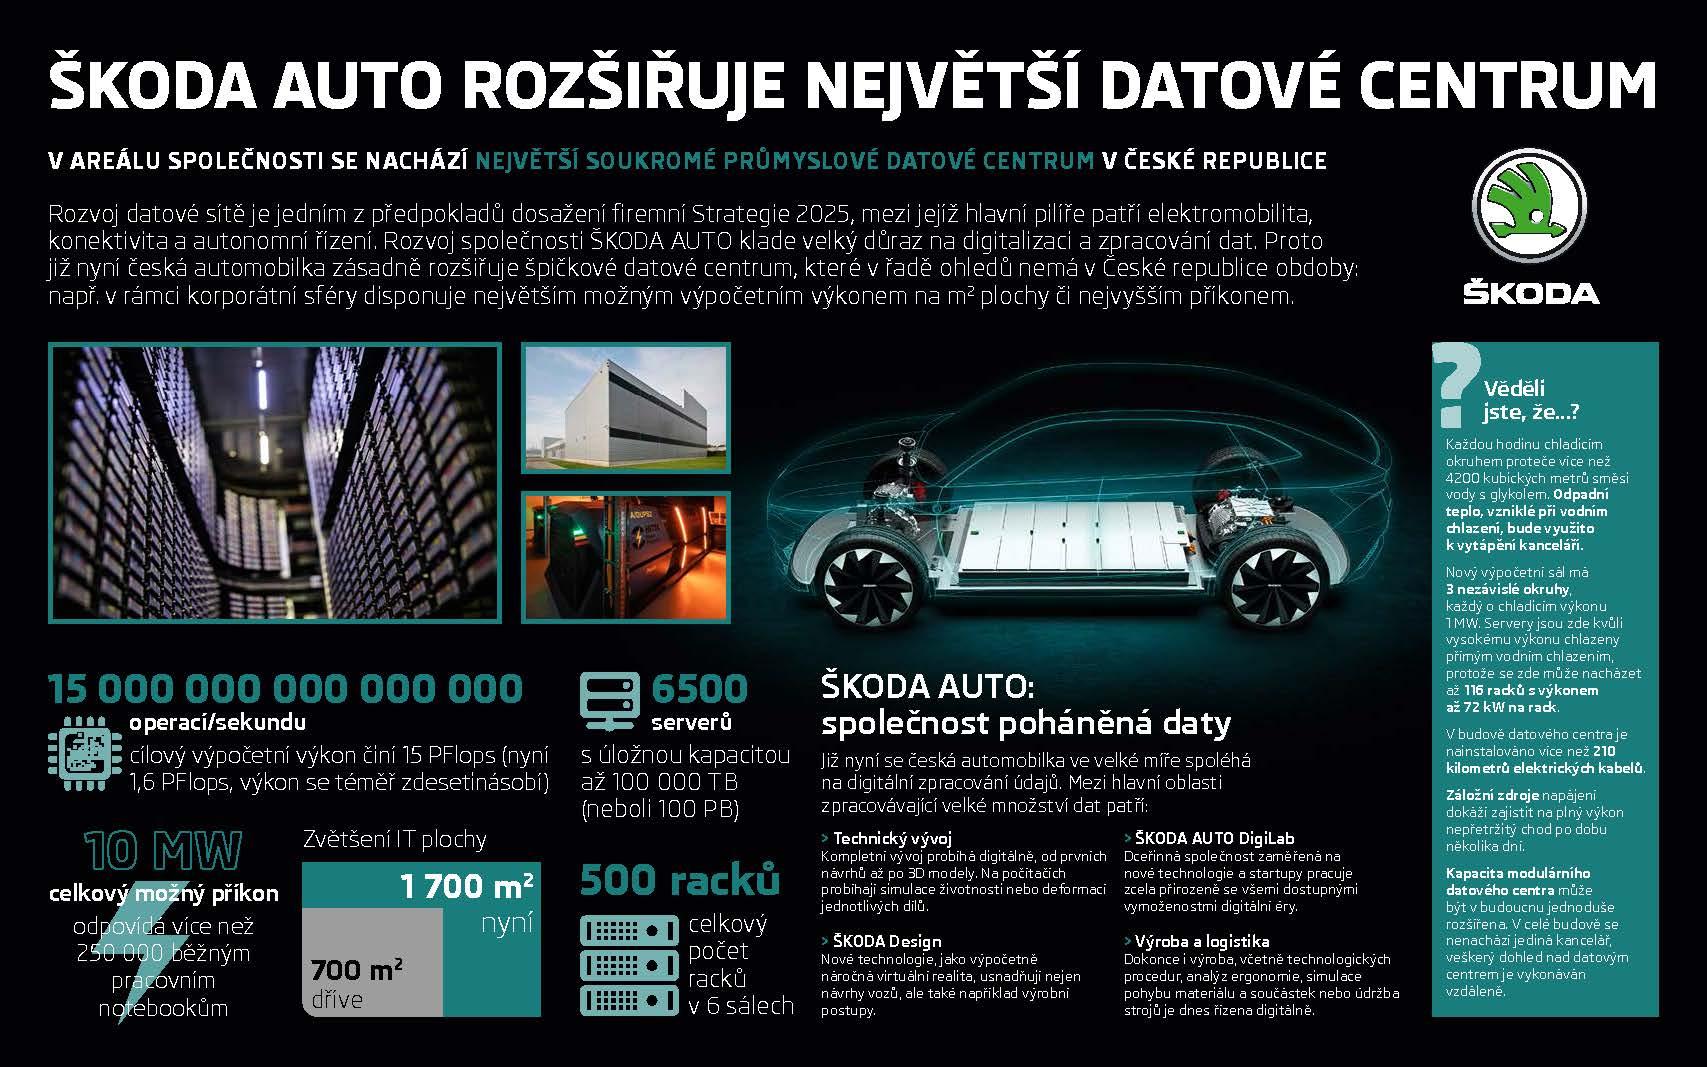 Infografika: ŠKODA AUTO rozšiřuje největší podnikové datové centrum v České republice